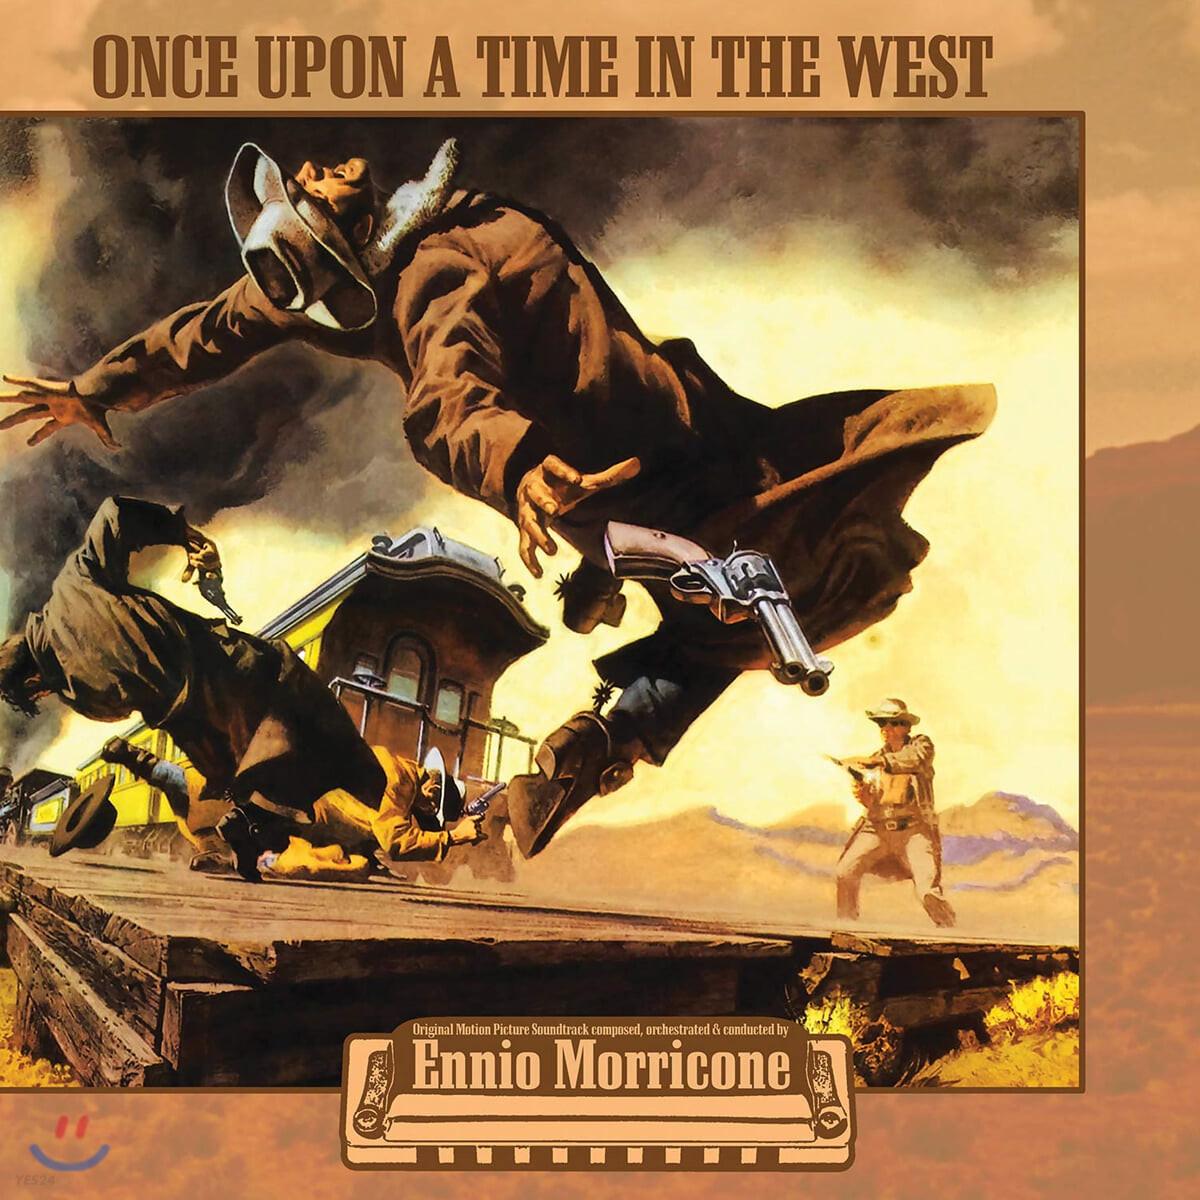 원스 어폰 어 타임 인 더 웨스트 영화음악 (Once Upon a Time in the West OST by Ennio Morricone 엔니오 모리꼬네) [투명 컬러 LP]